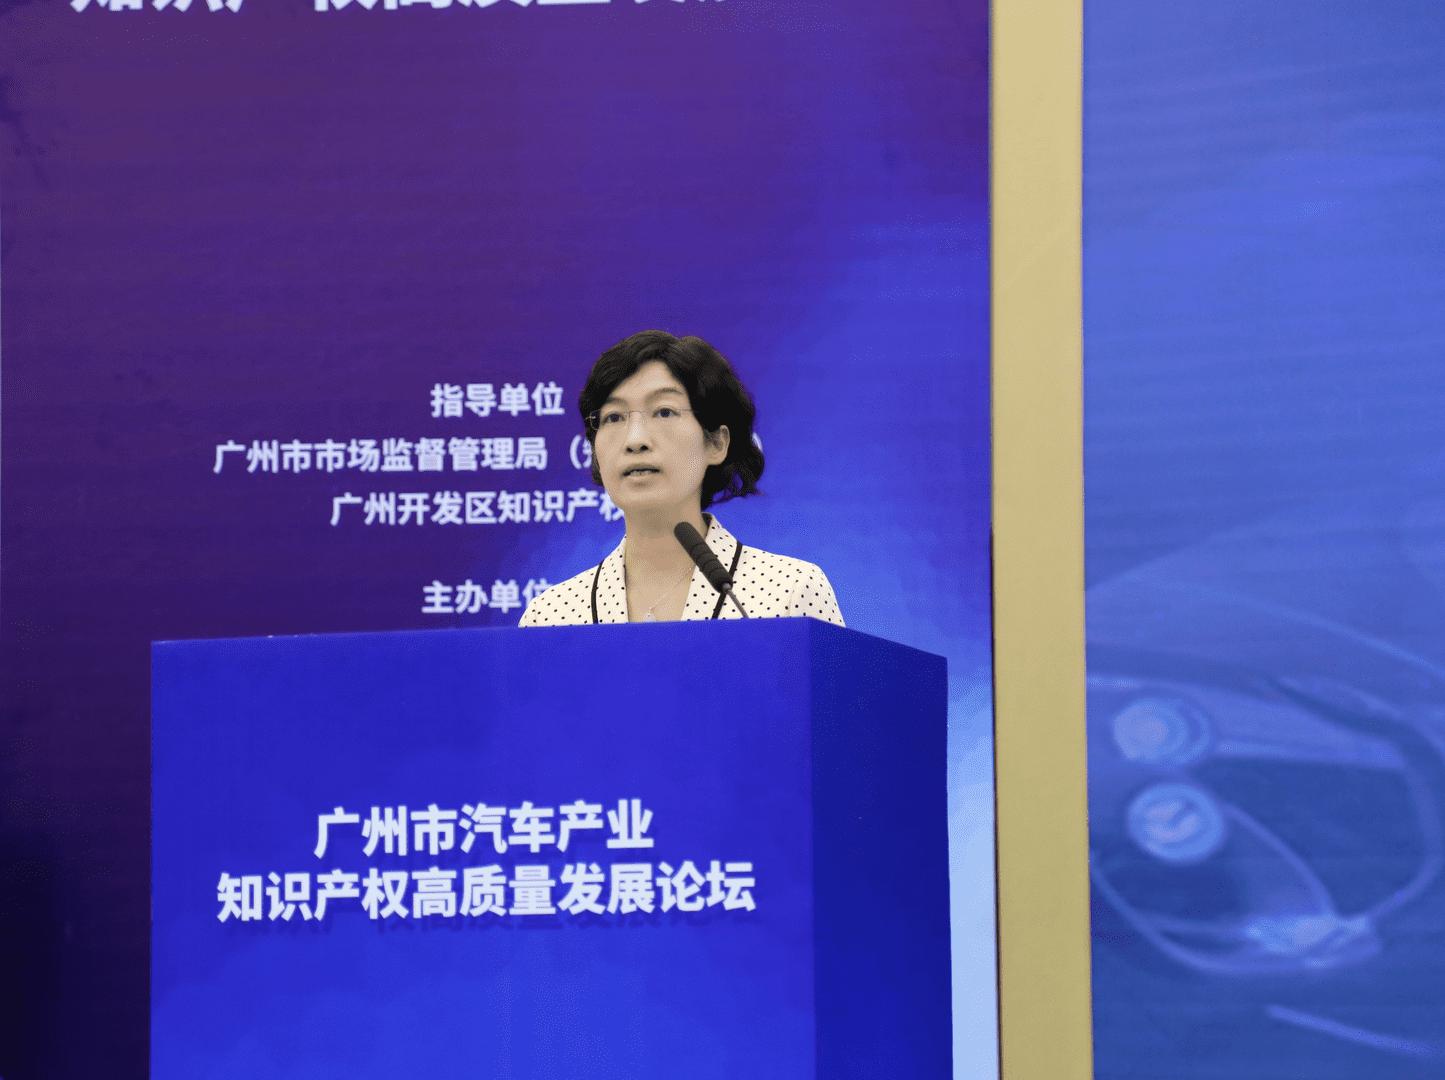 知识产权为汽车产业发展打造强力引擎,广州市汽车产业知识产权高质量发展论坛活动成功举办